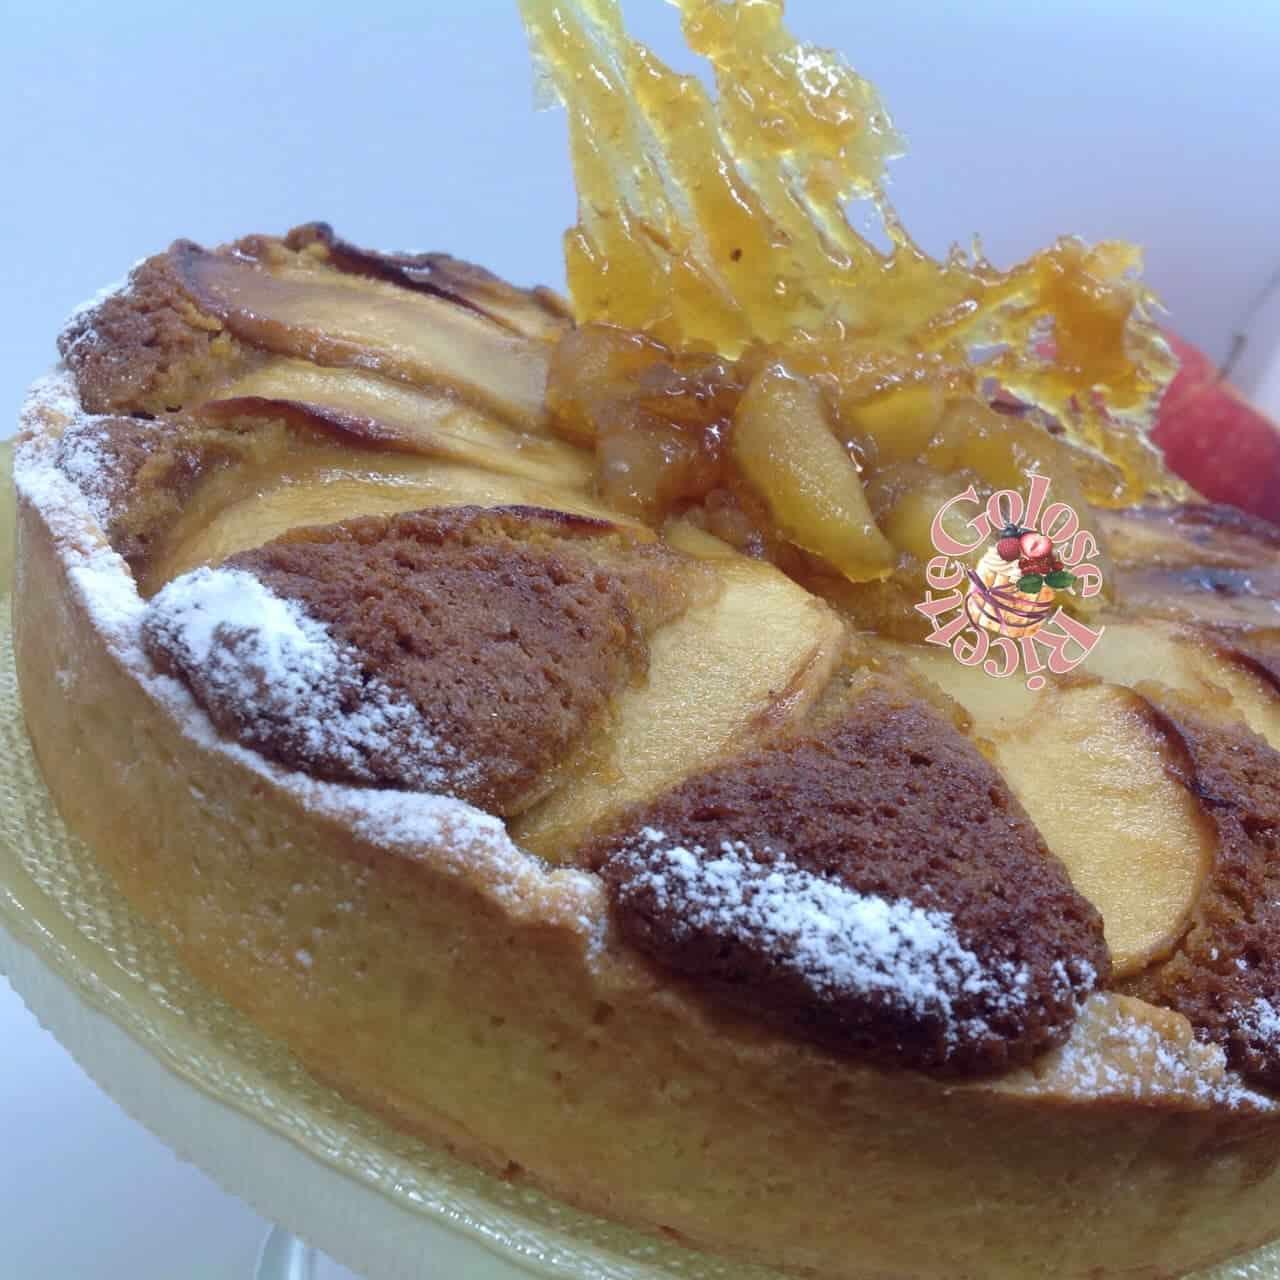 IMG_1047 IL DOLCE DI MELE - crostata o torta di mele